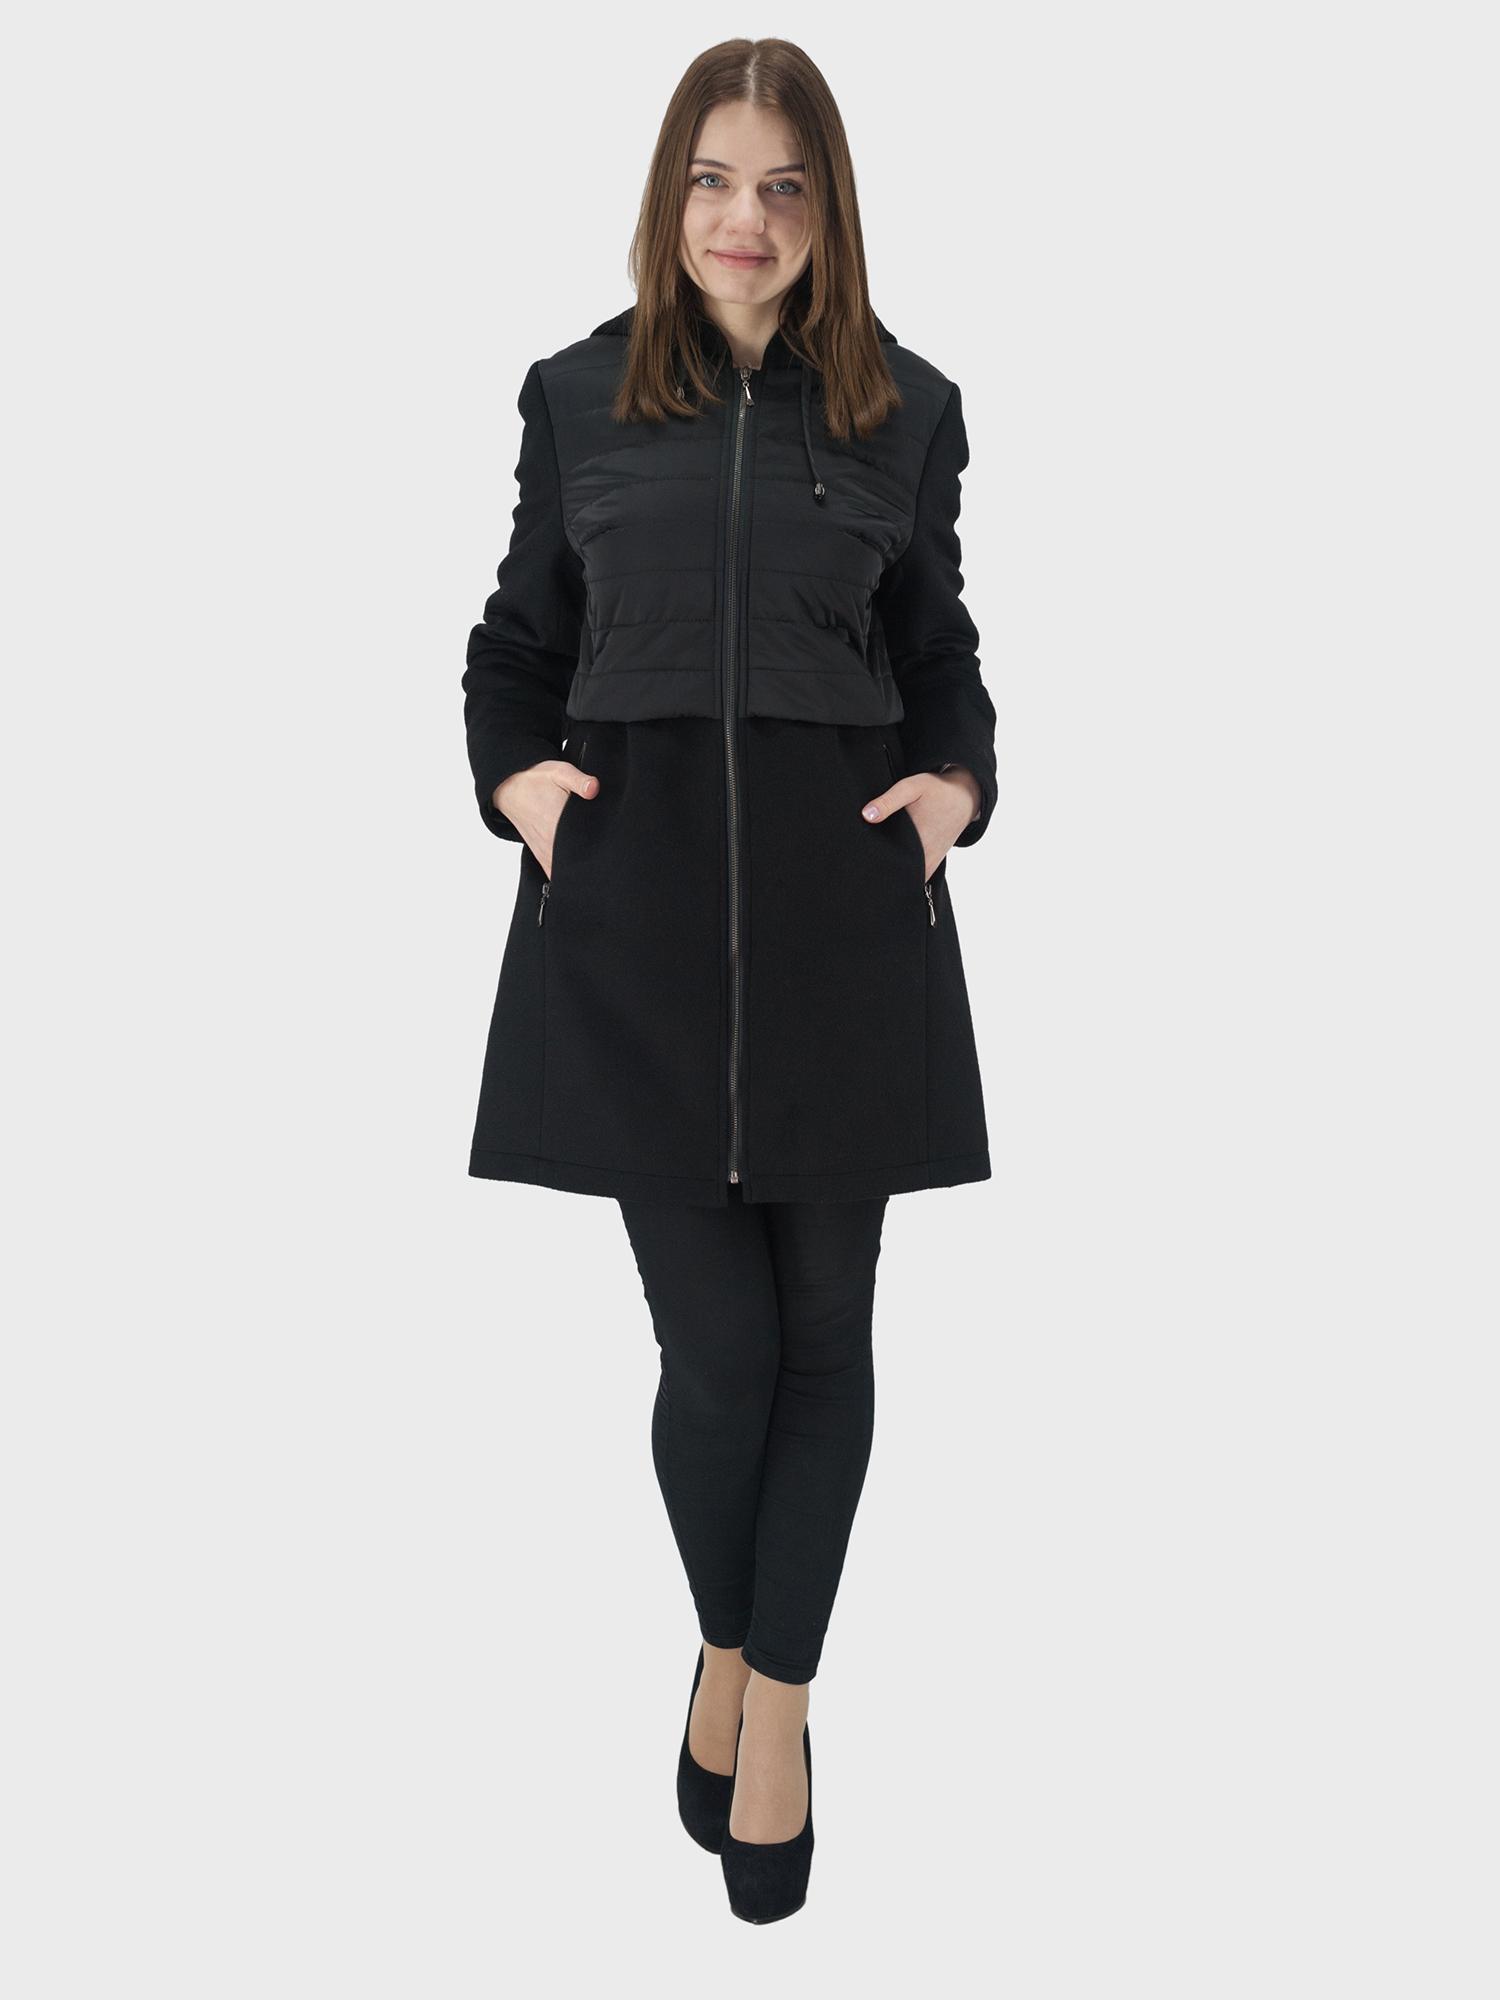 Пальто KIS тренчкот из шерстяного драпа